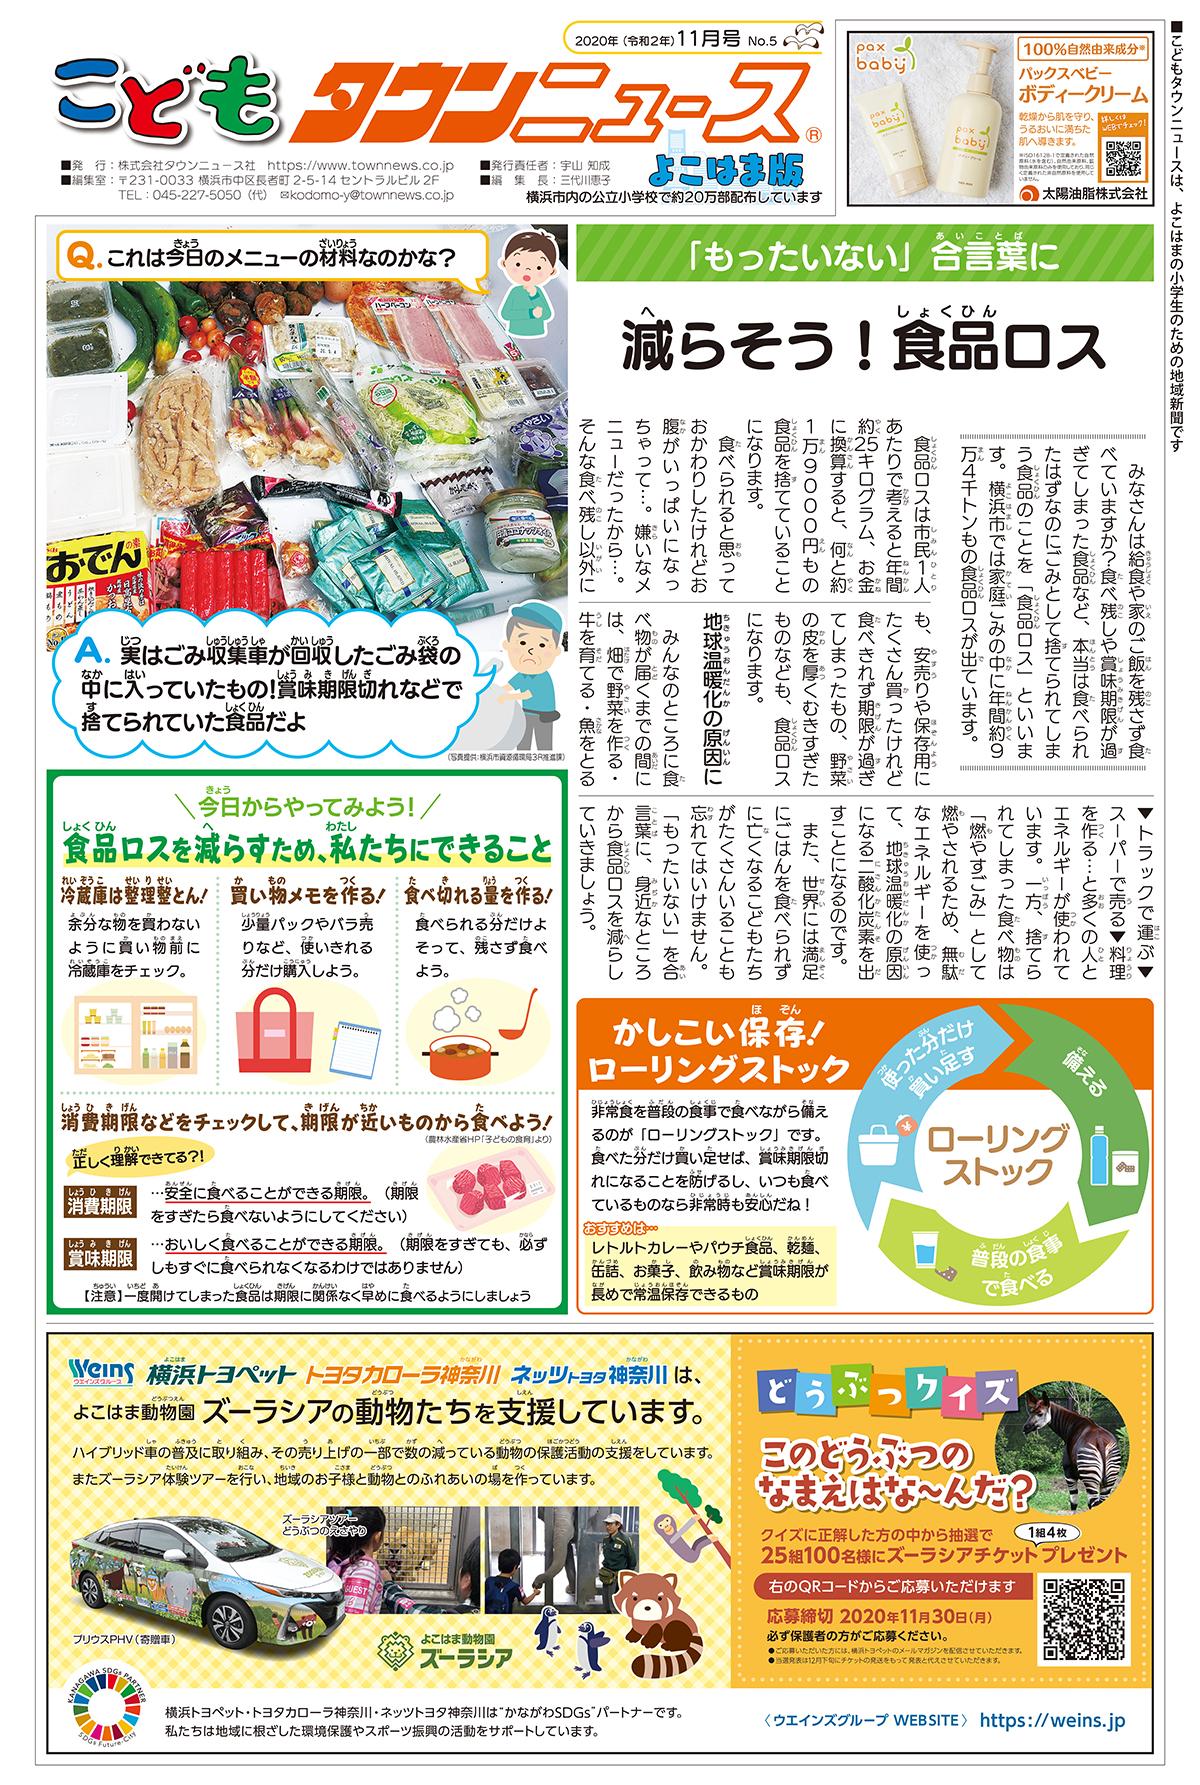 夏休み 小学校 2020 市 横浜